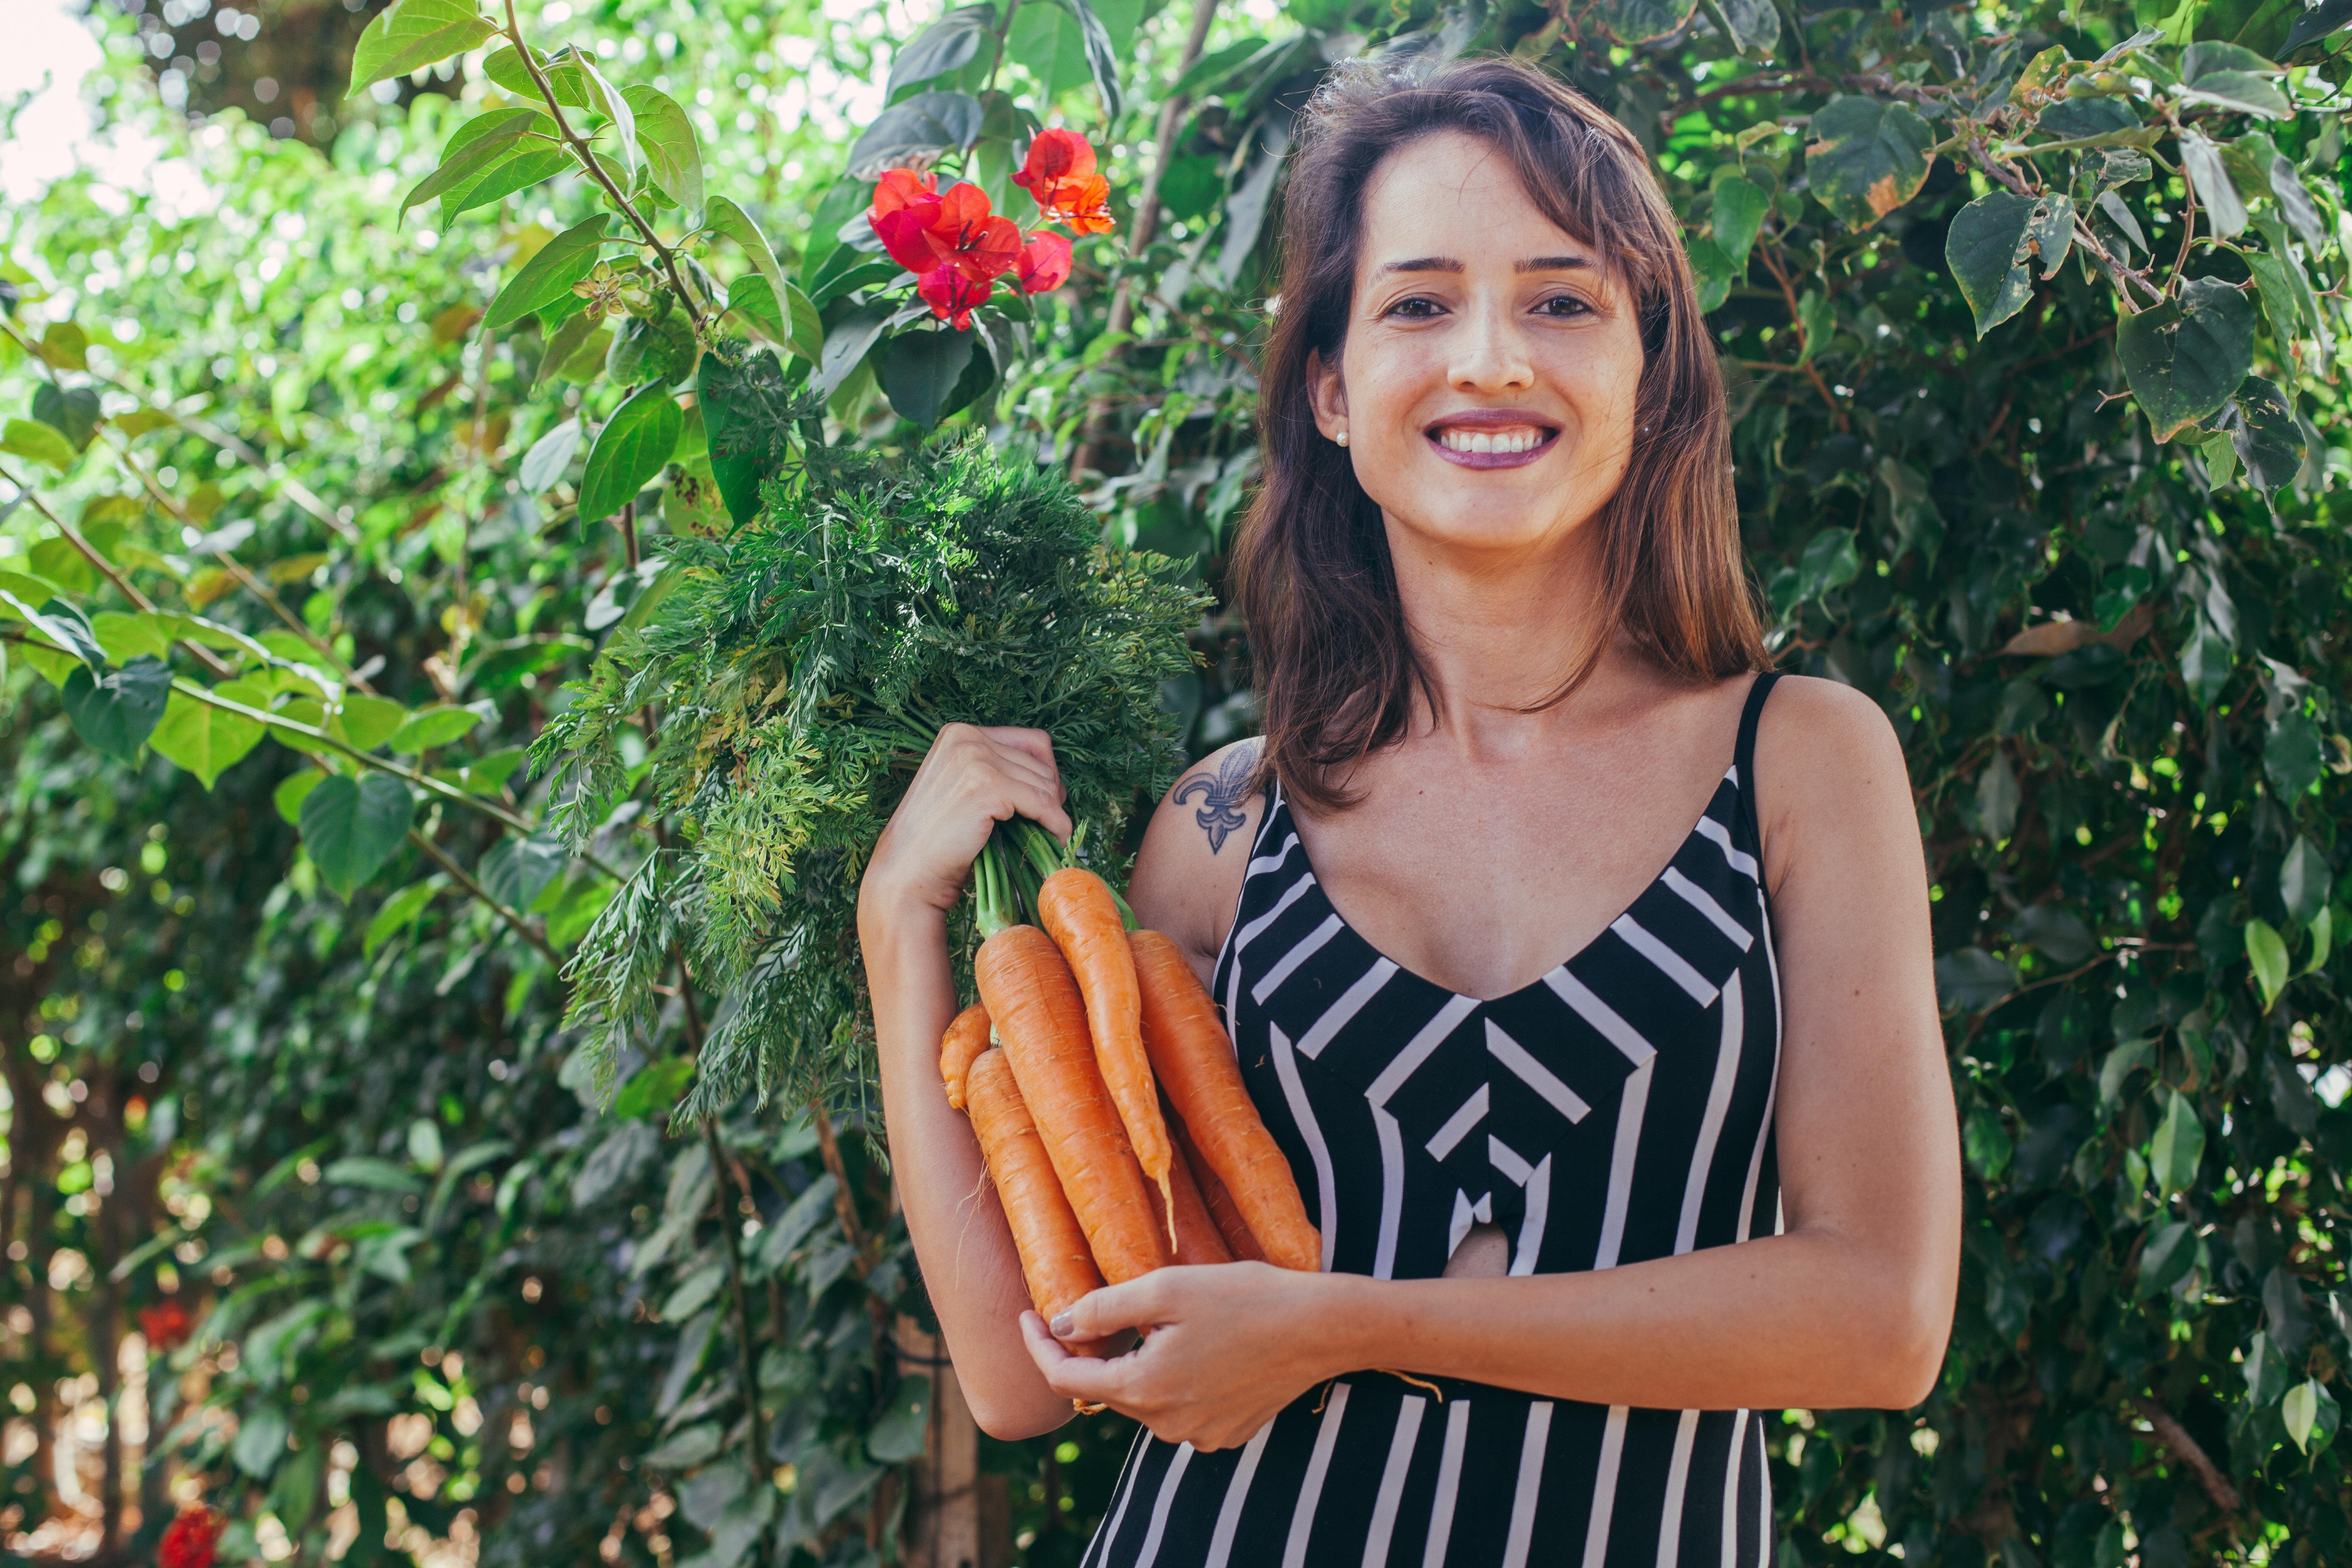 Do pânico ao comer até o comércio de orgânicos: A vitória de Mirella